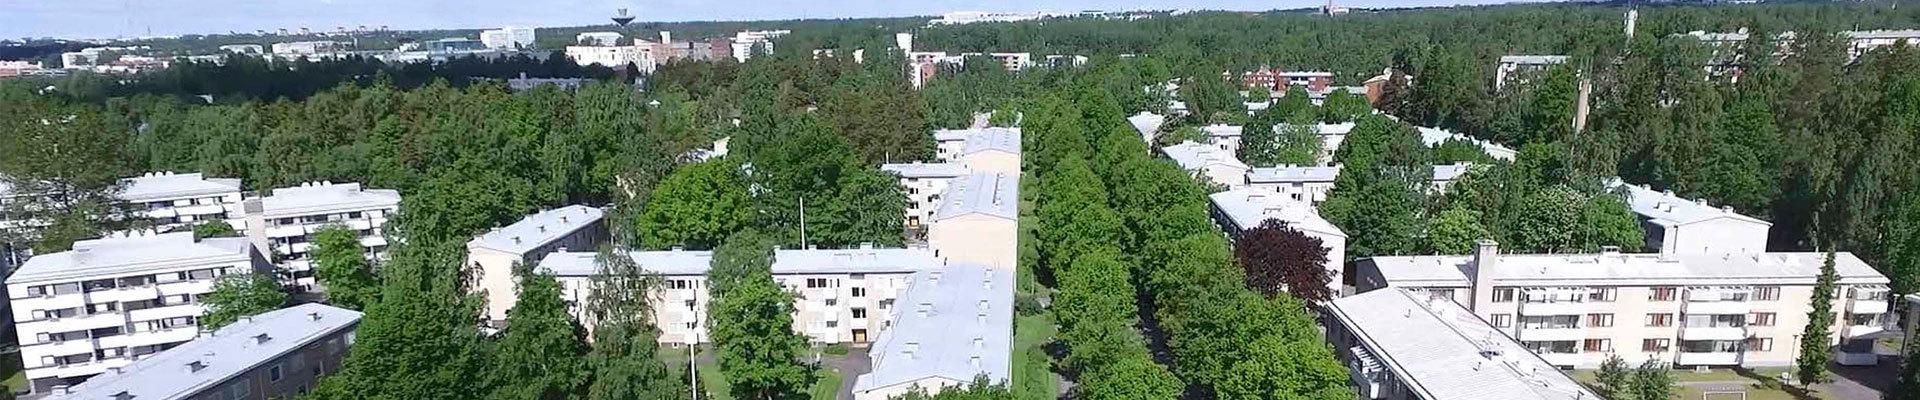 myytävät asunnot siilinjärvi nurmes